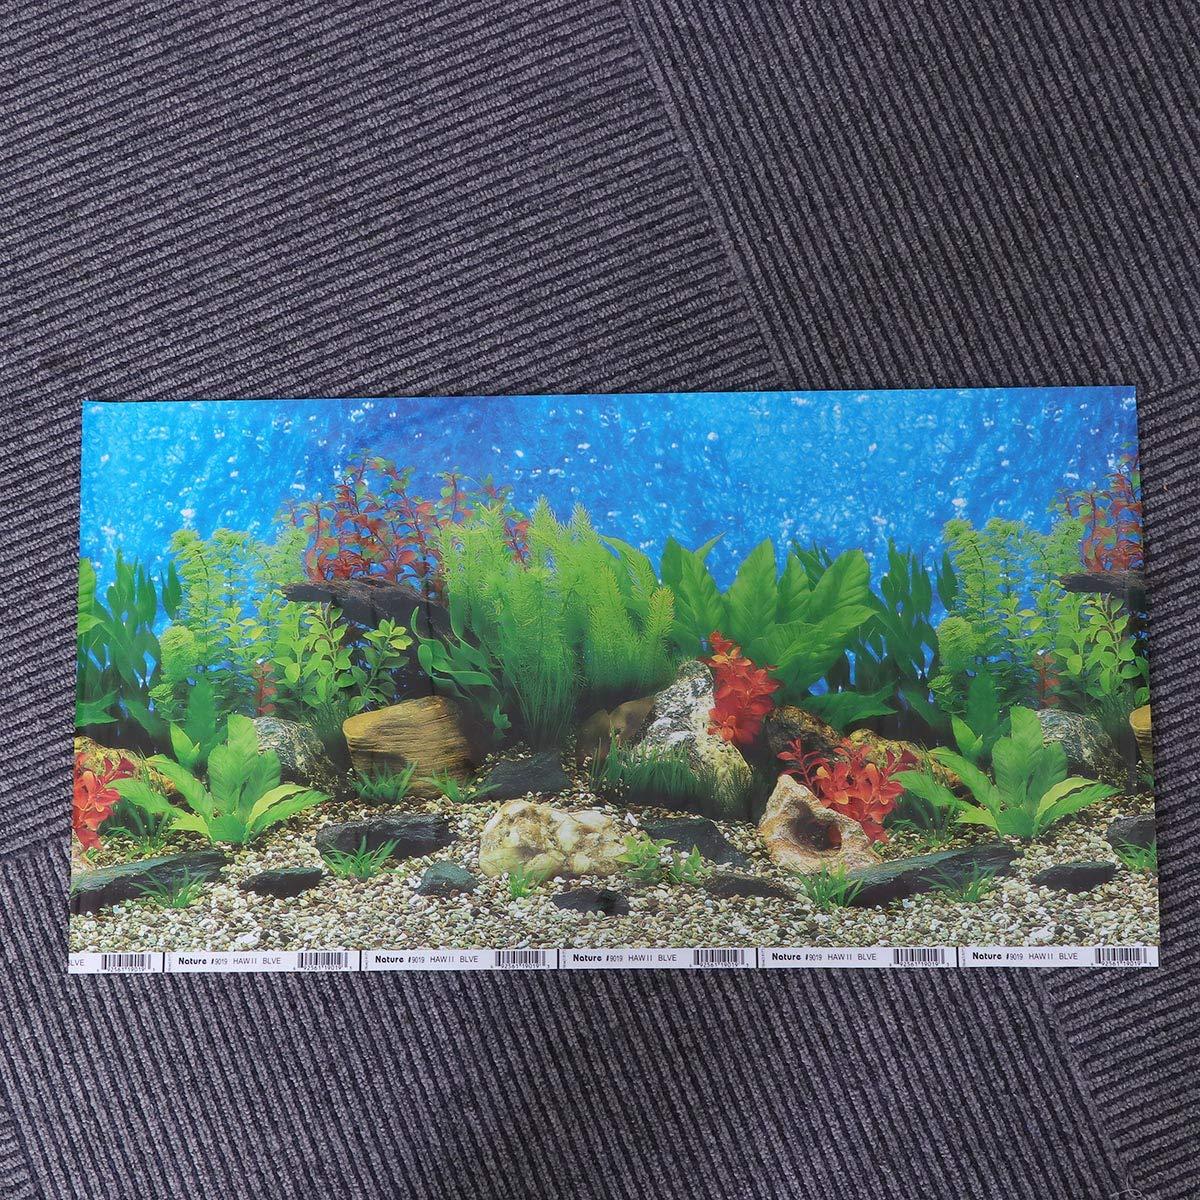 POPETPOP Fish Tank Background Sticker 3D de Doble Cara Adhesivo del Acuario Wallpaper Imágenes Decorativas 52x30cm: Amazon.es: Productos para mascotas